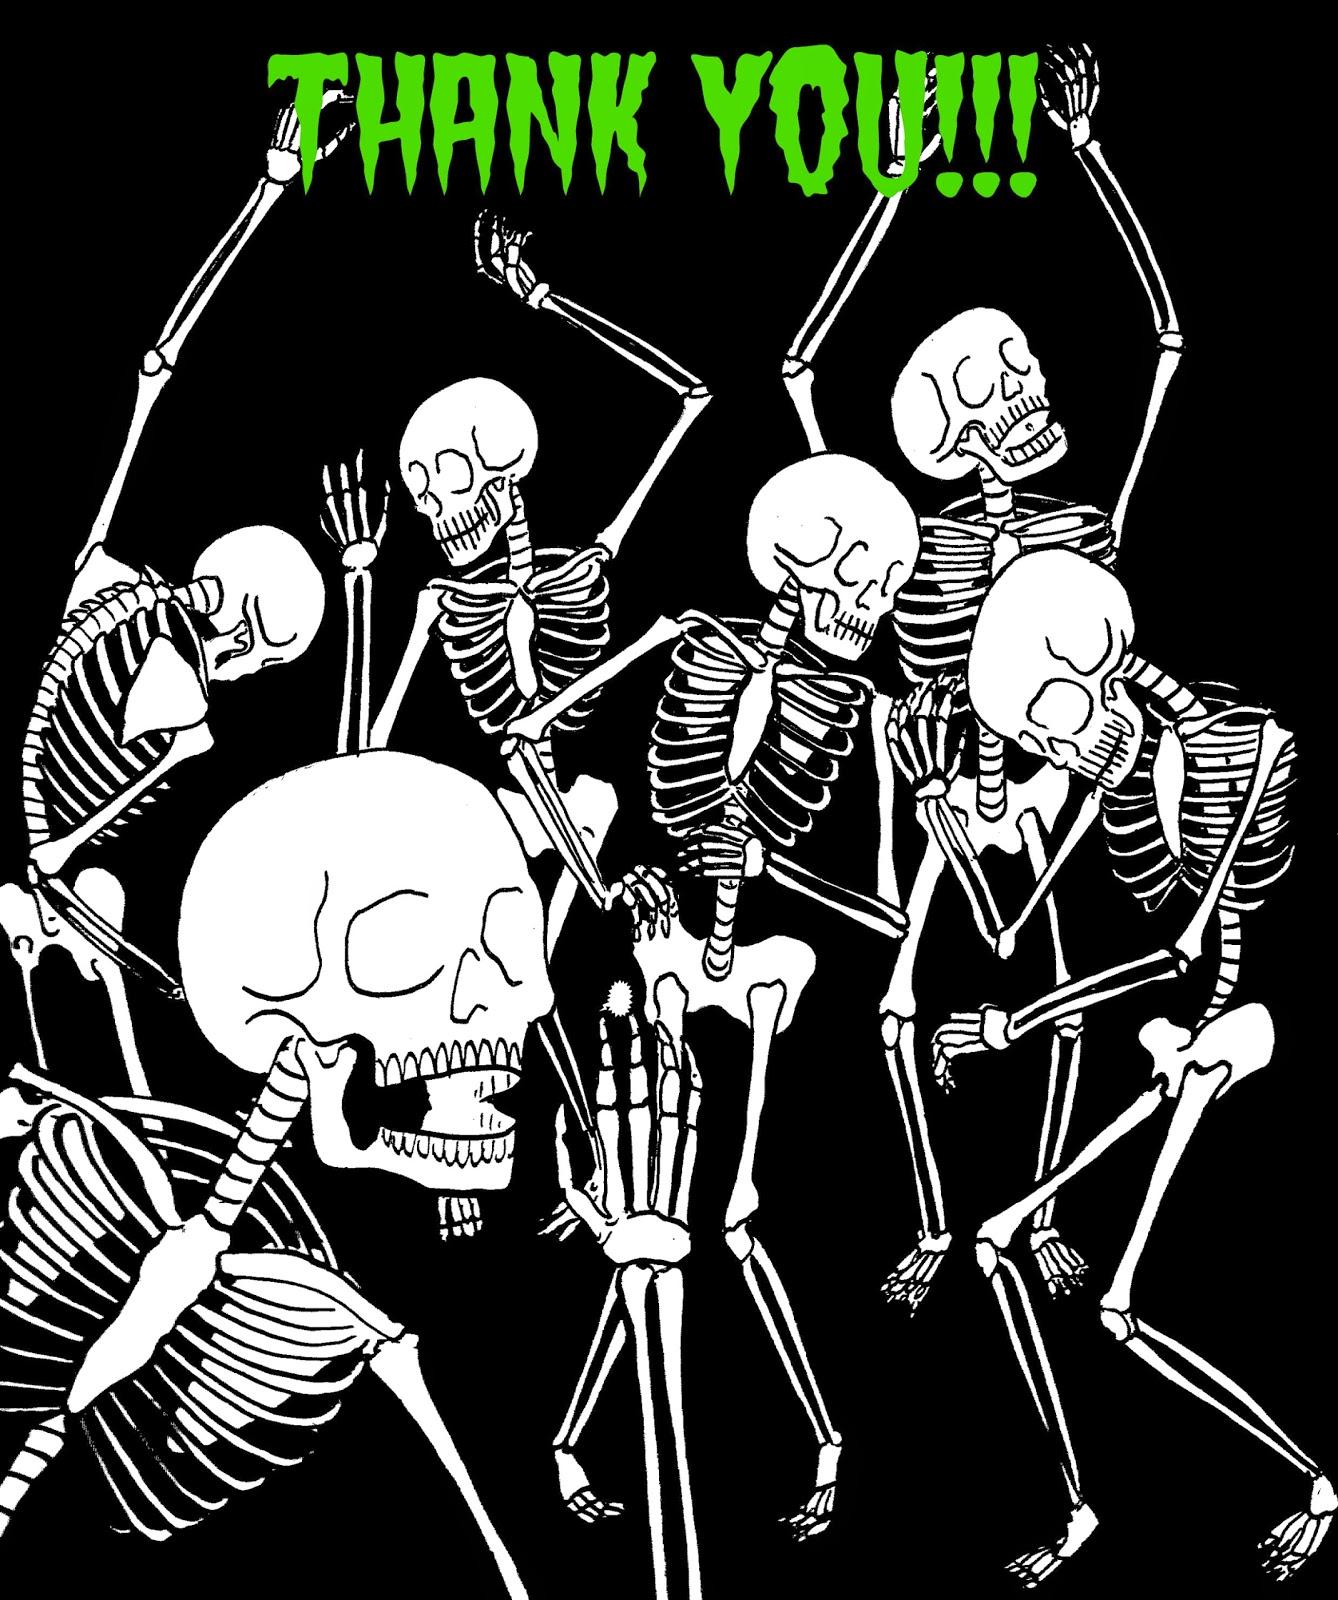 Thanks Mr. Skeletal